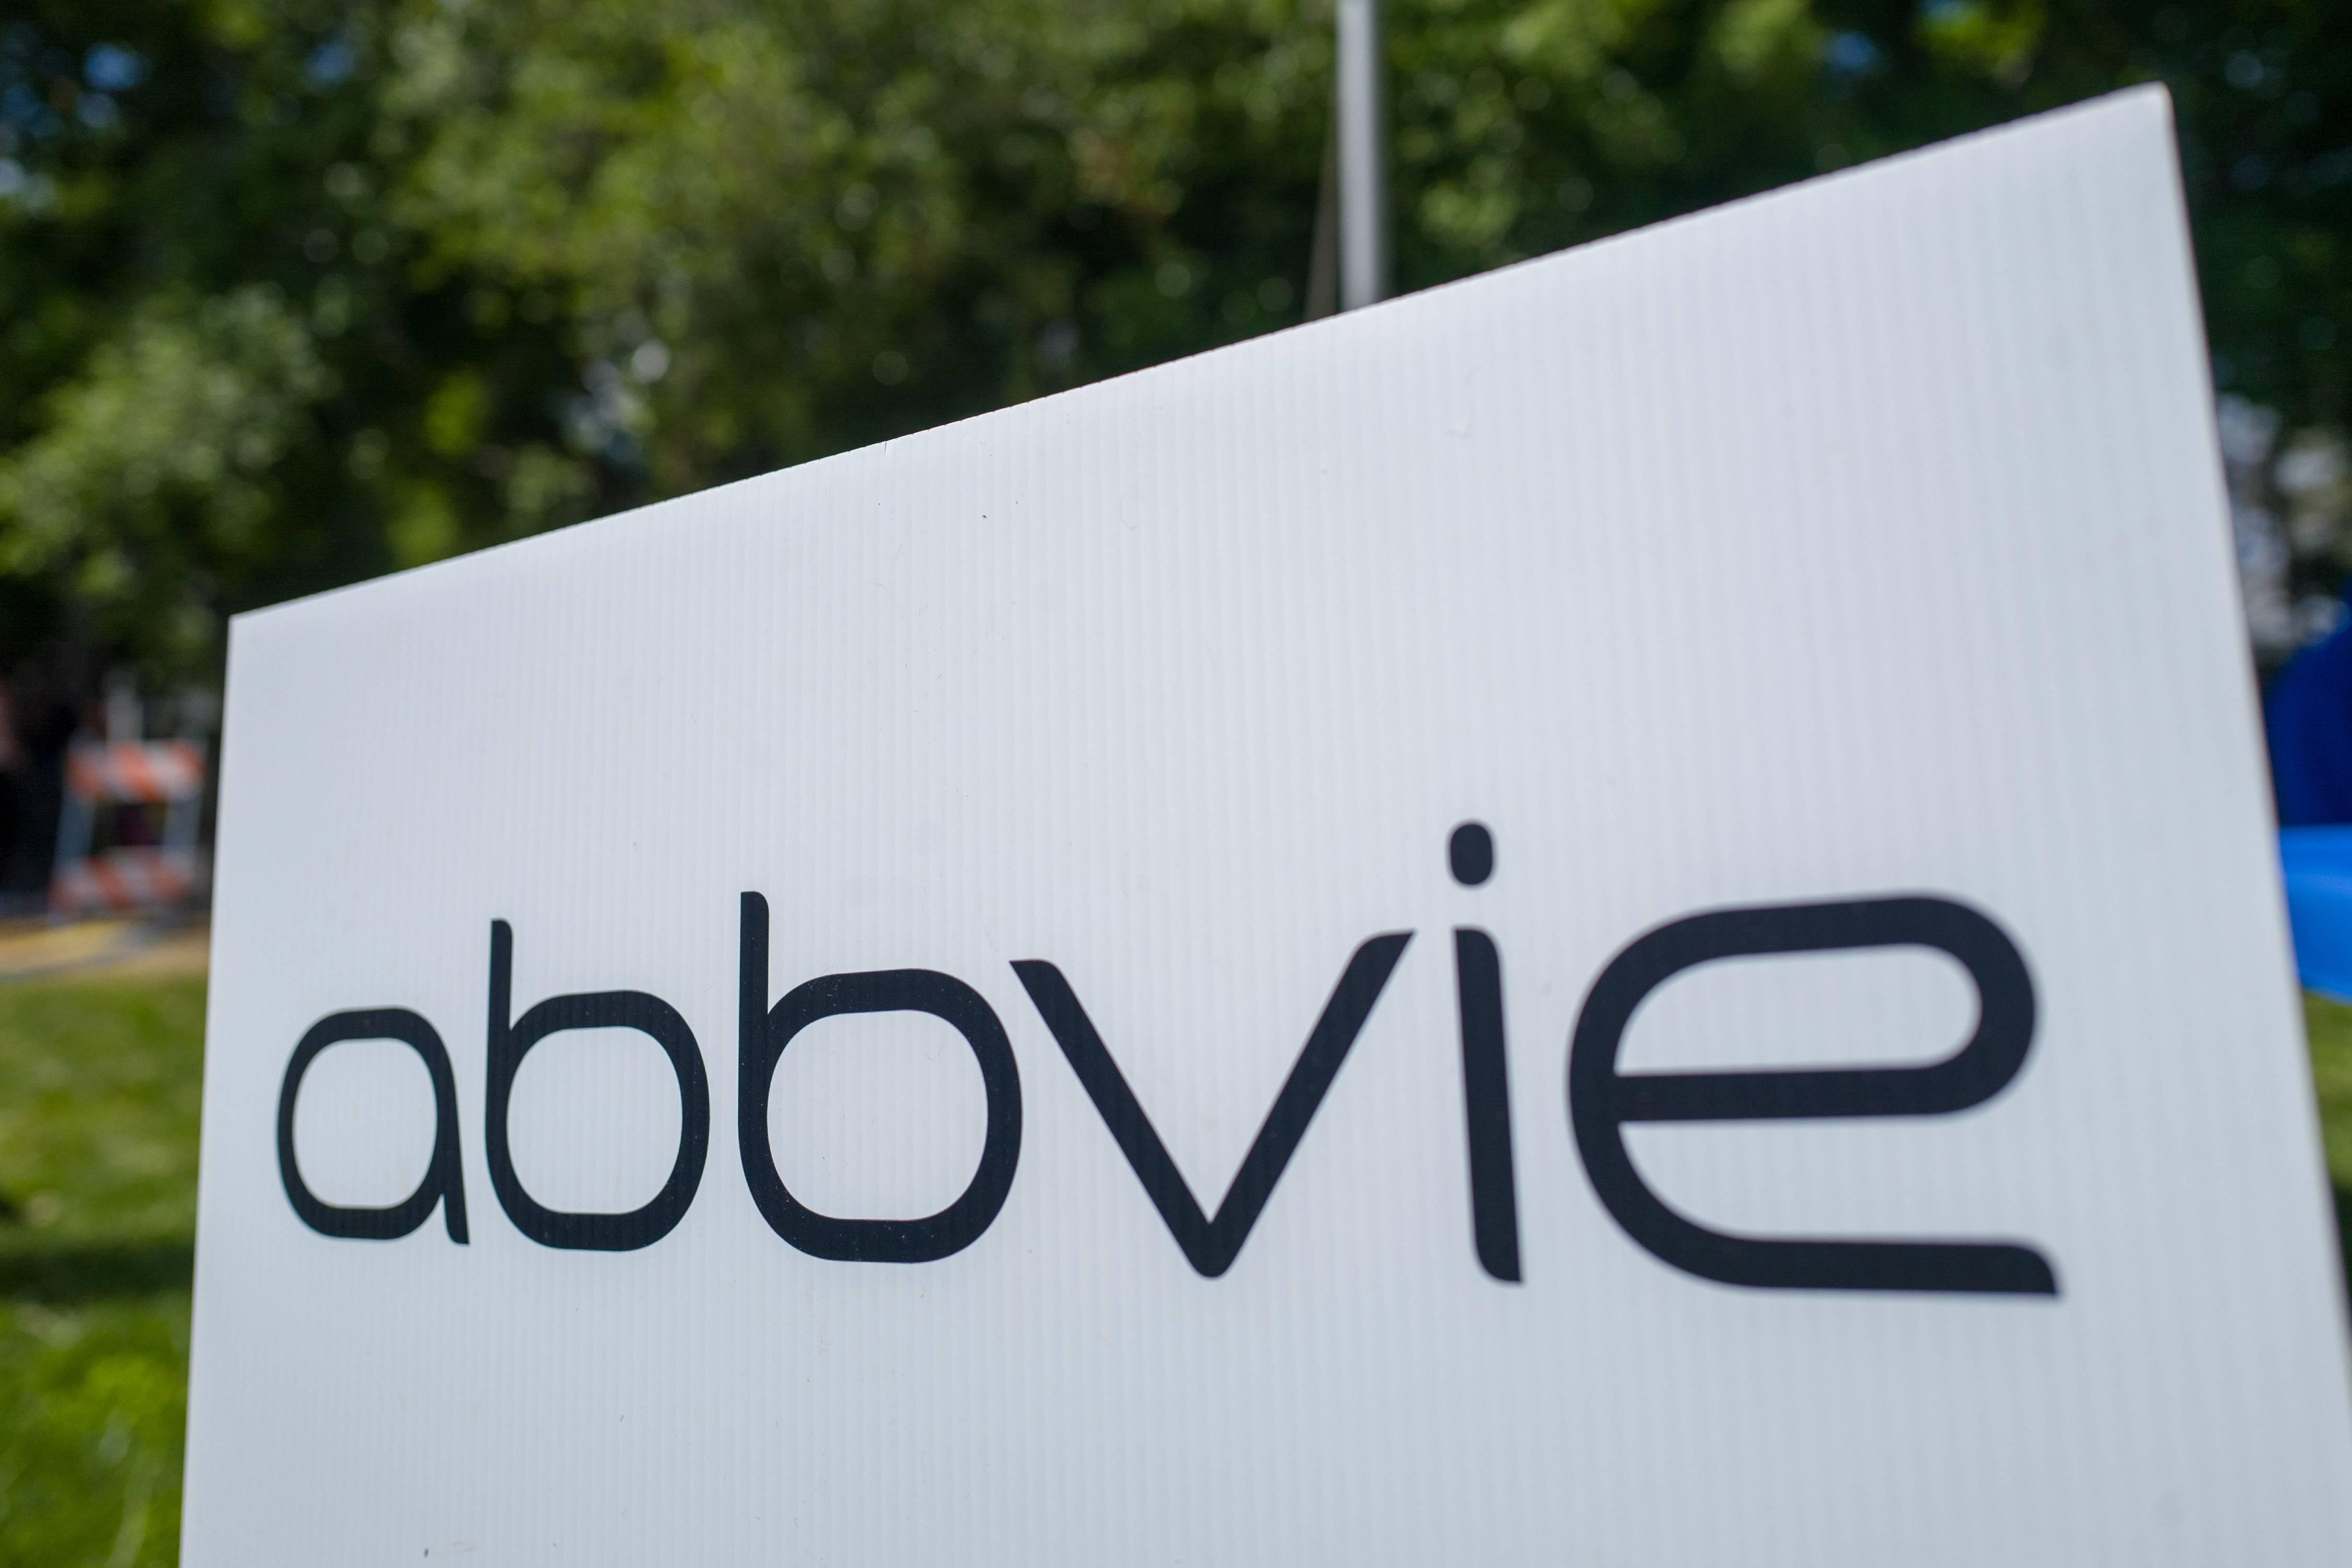 AbbVie Allergan deal